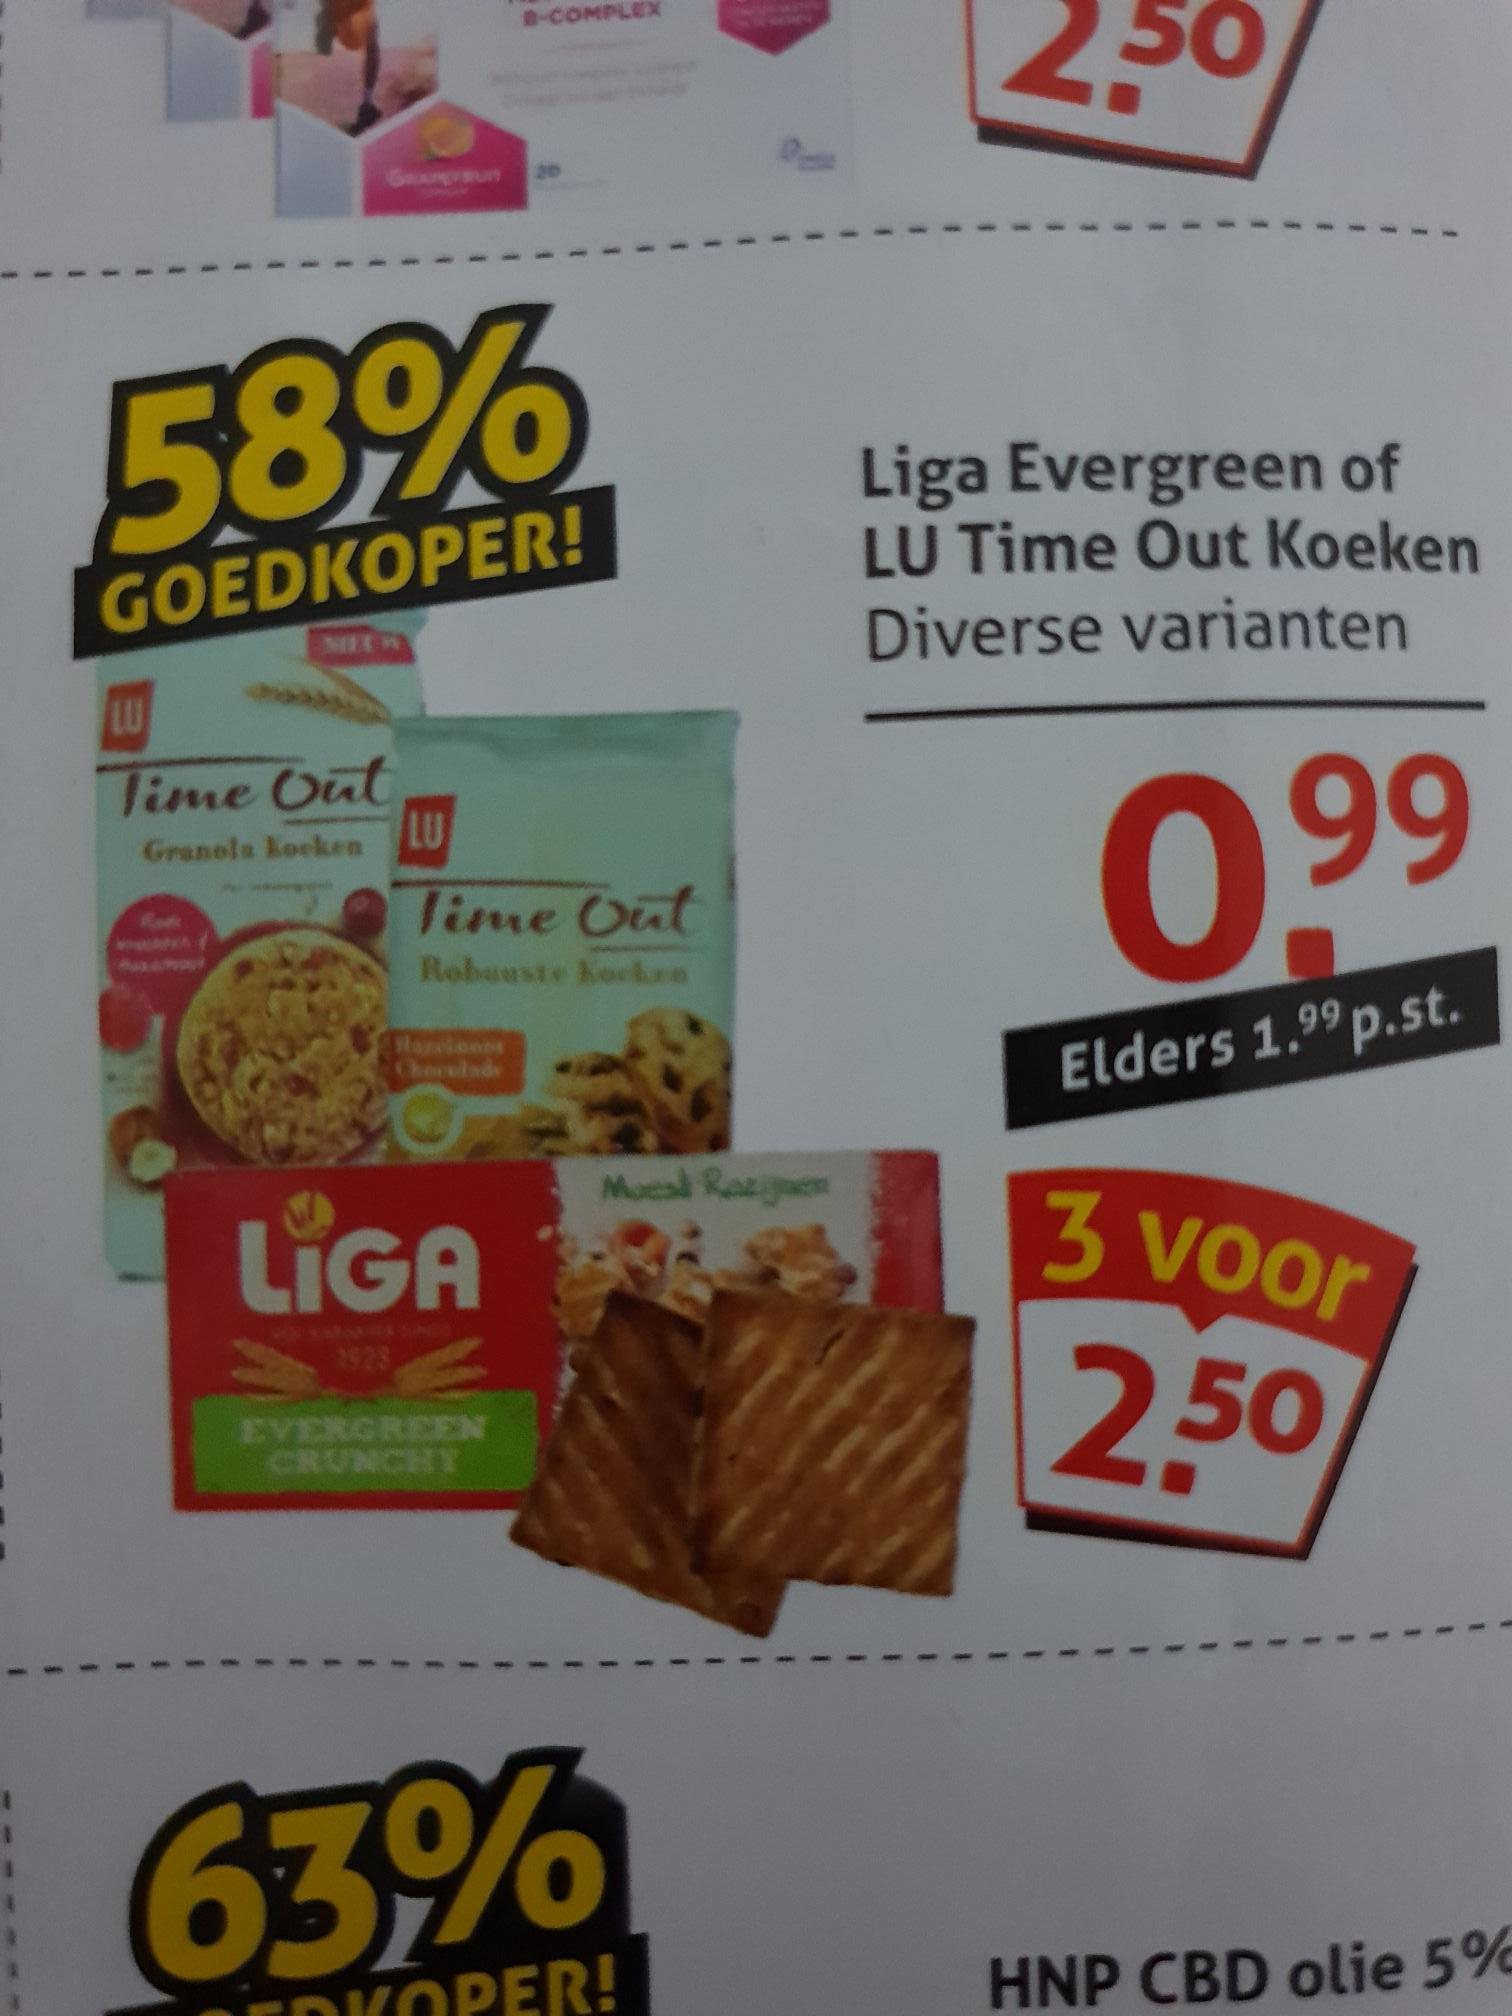 LU Time Out Cookies €0,99 @Op=Op